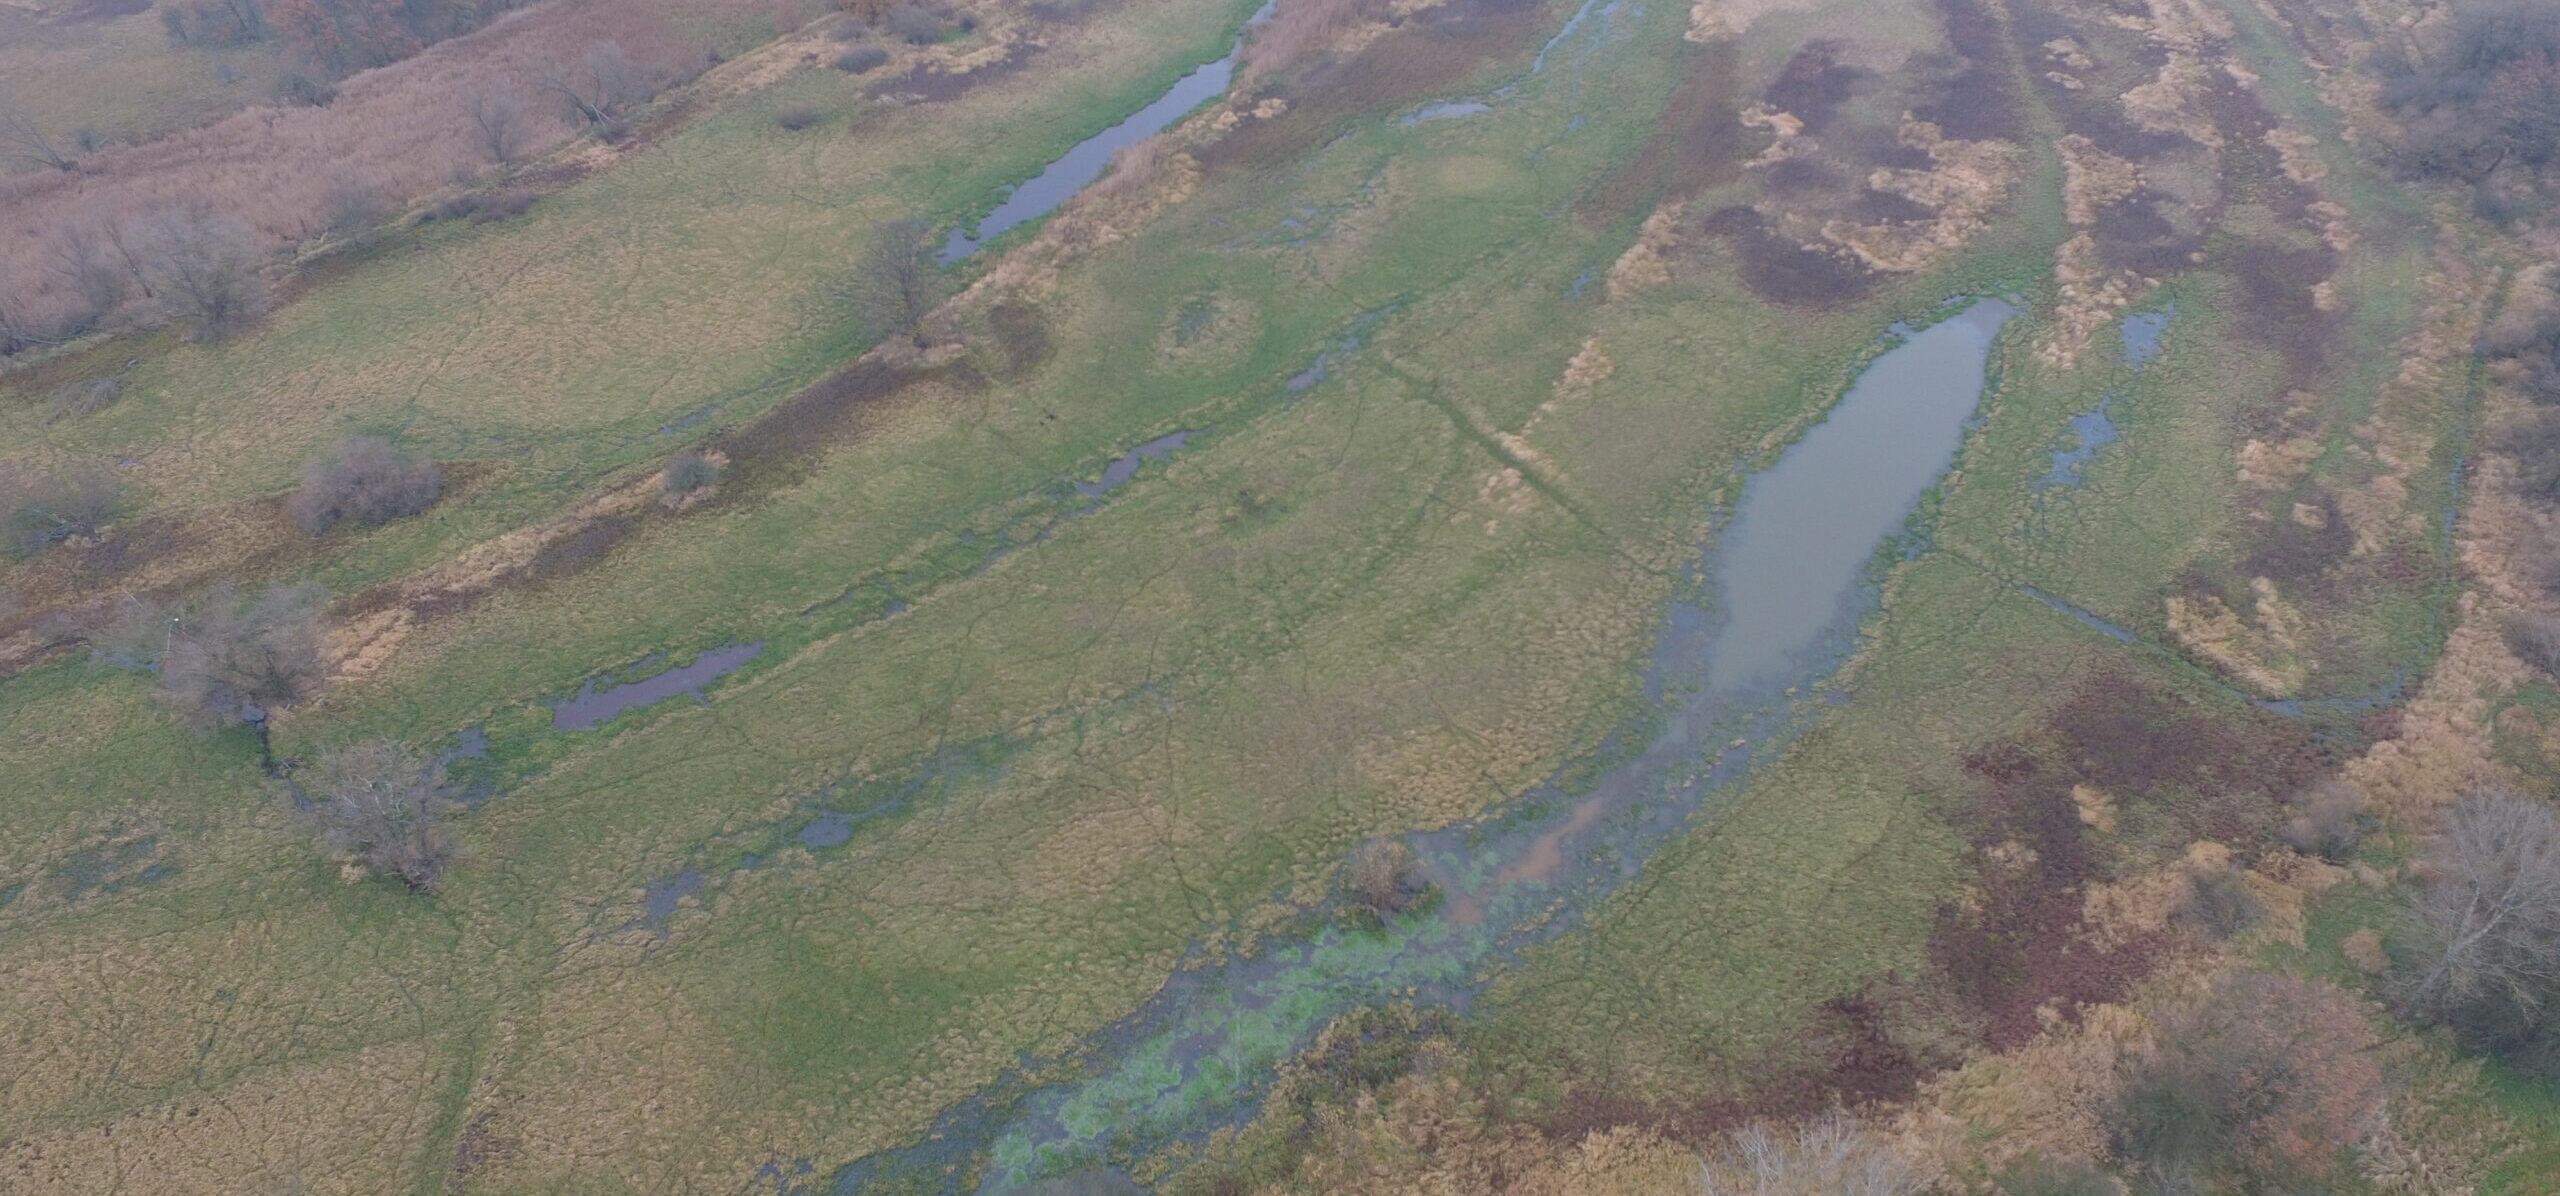 Na Szlaku Odry w Krainie Łęgów Odrzańskich- Użytek Ekologiczny